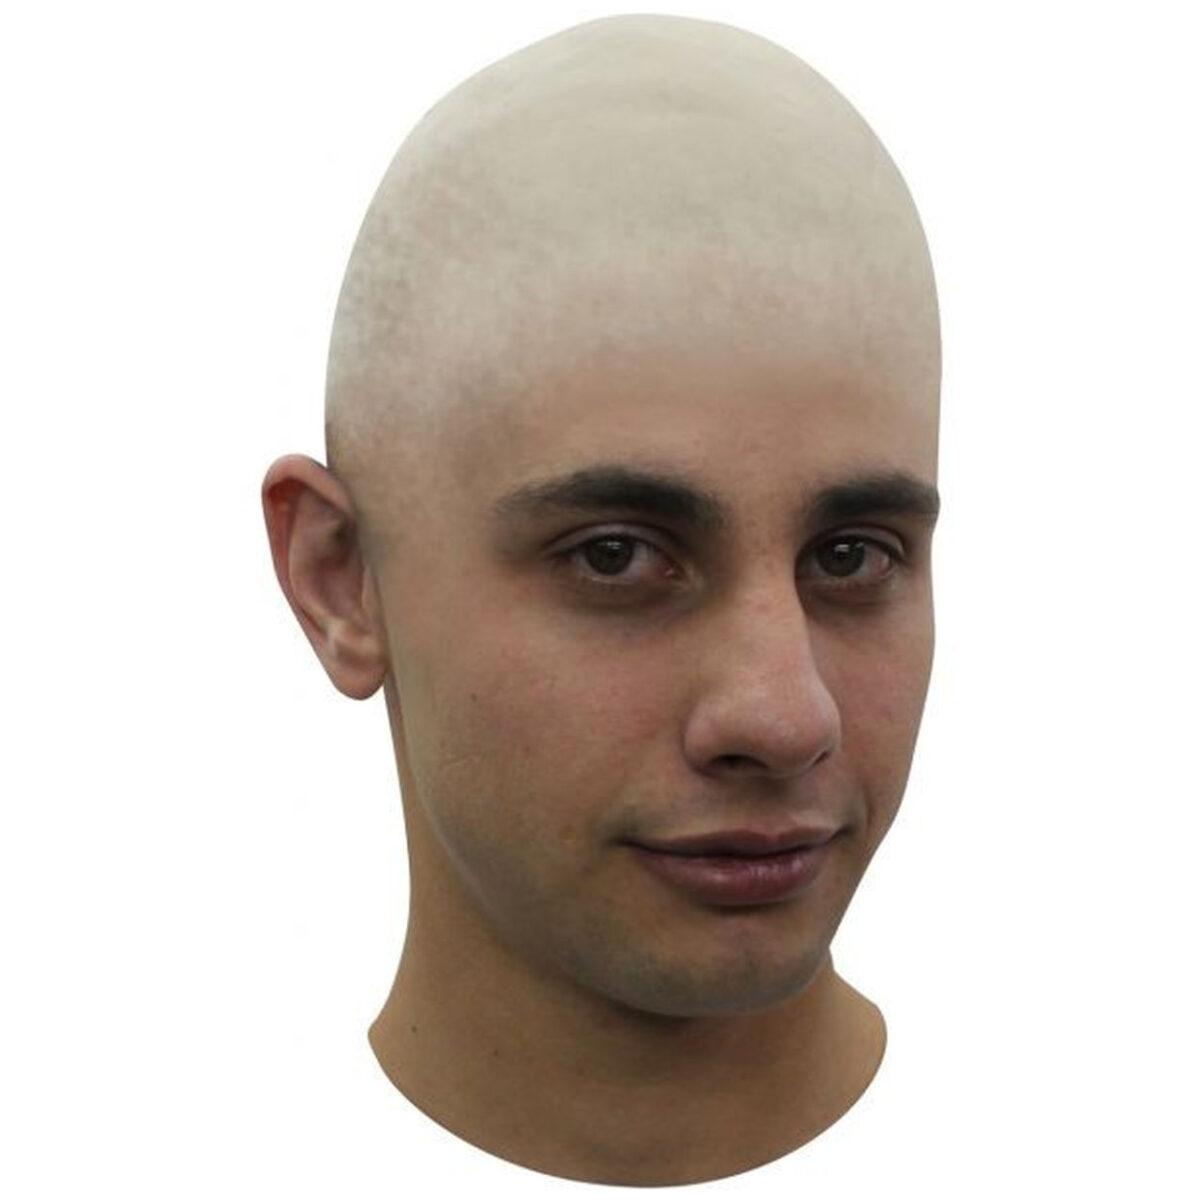 Application-bald-cap